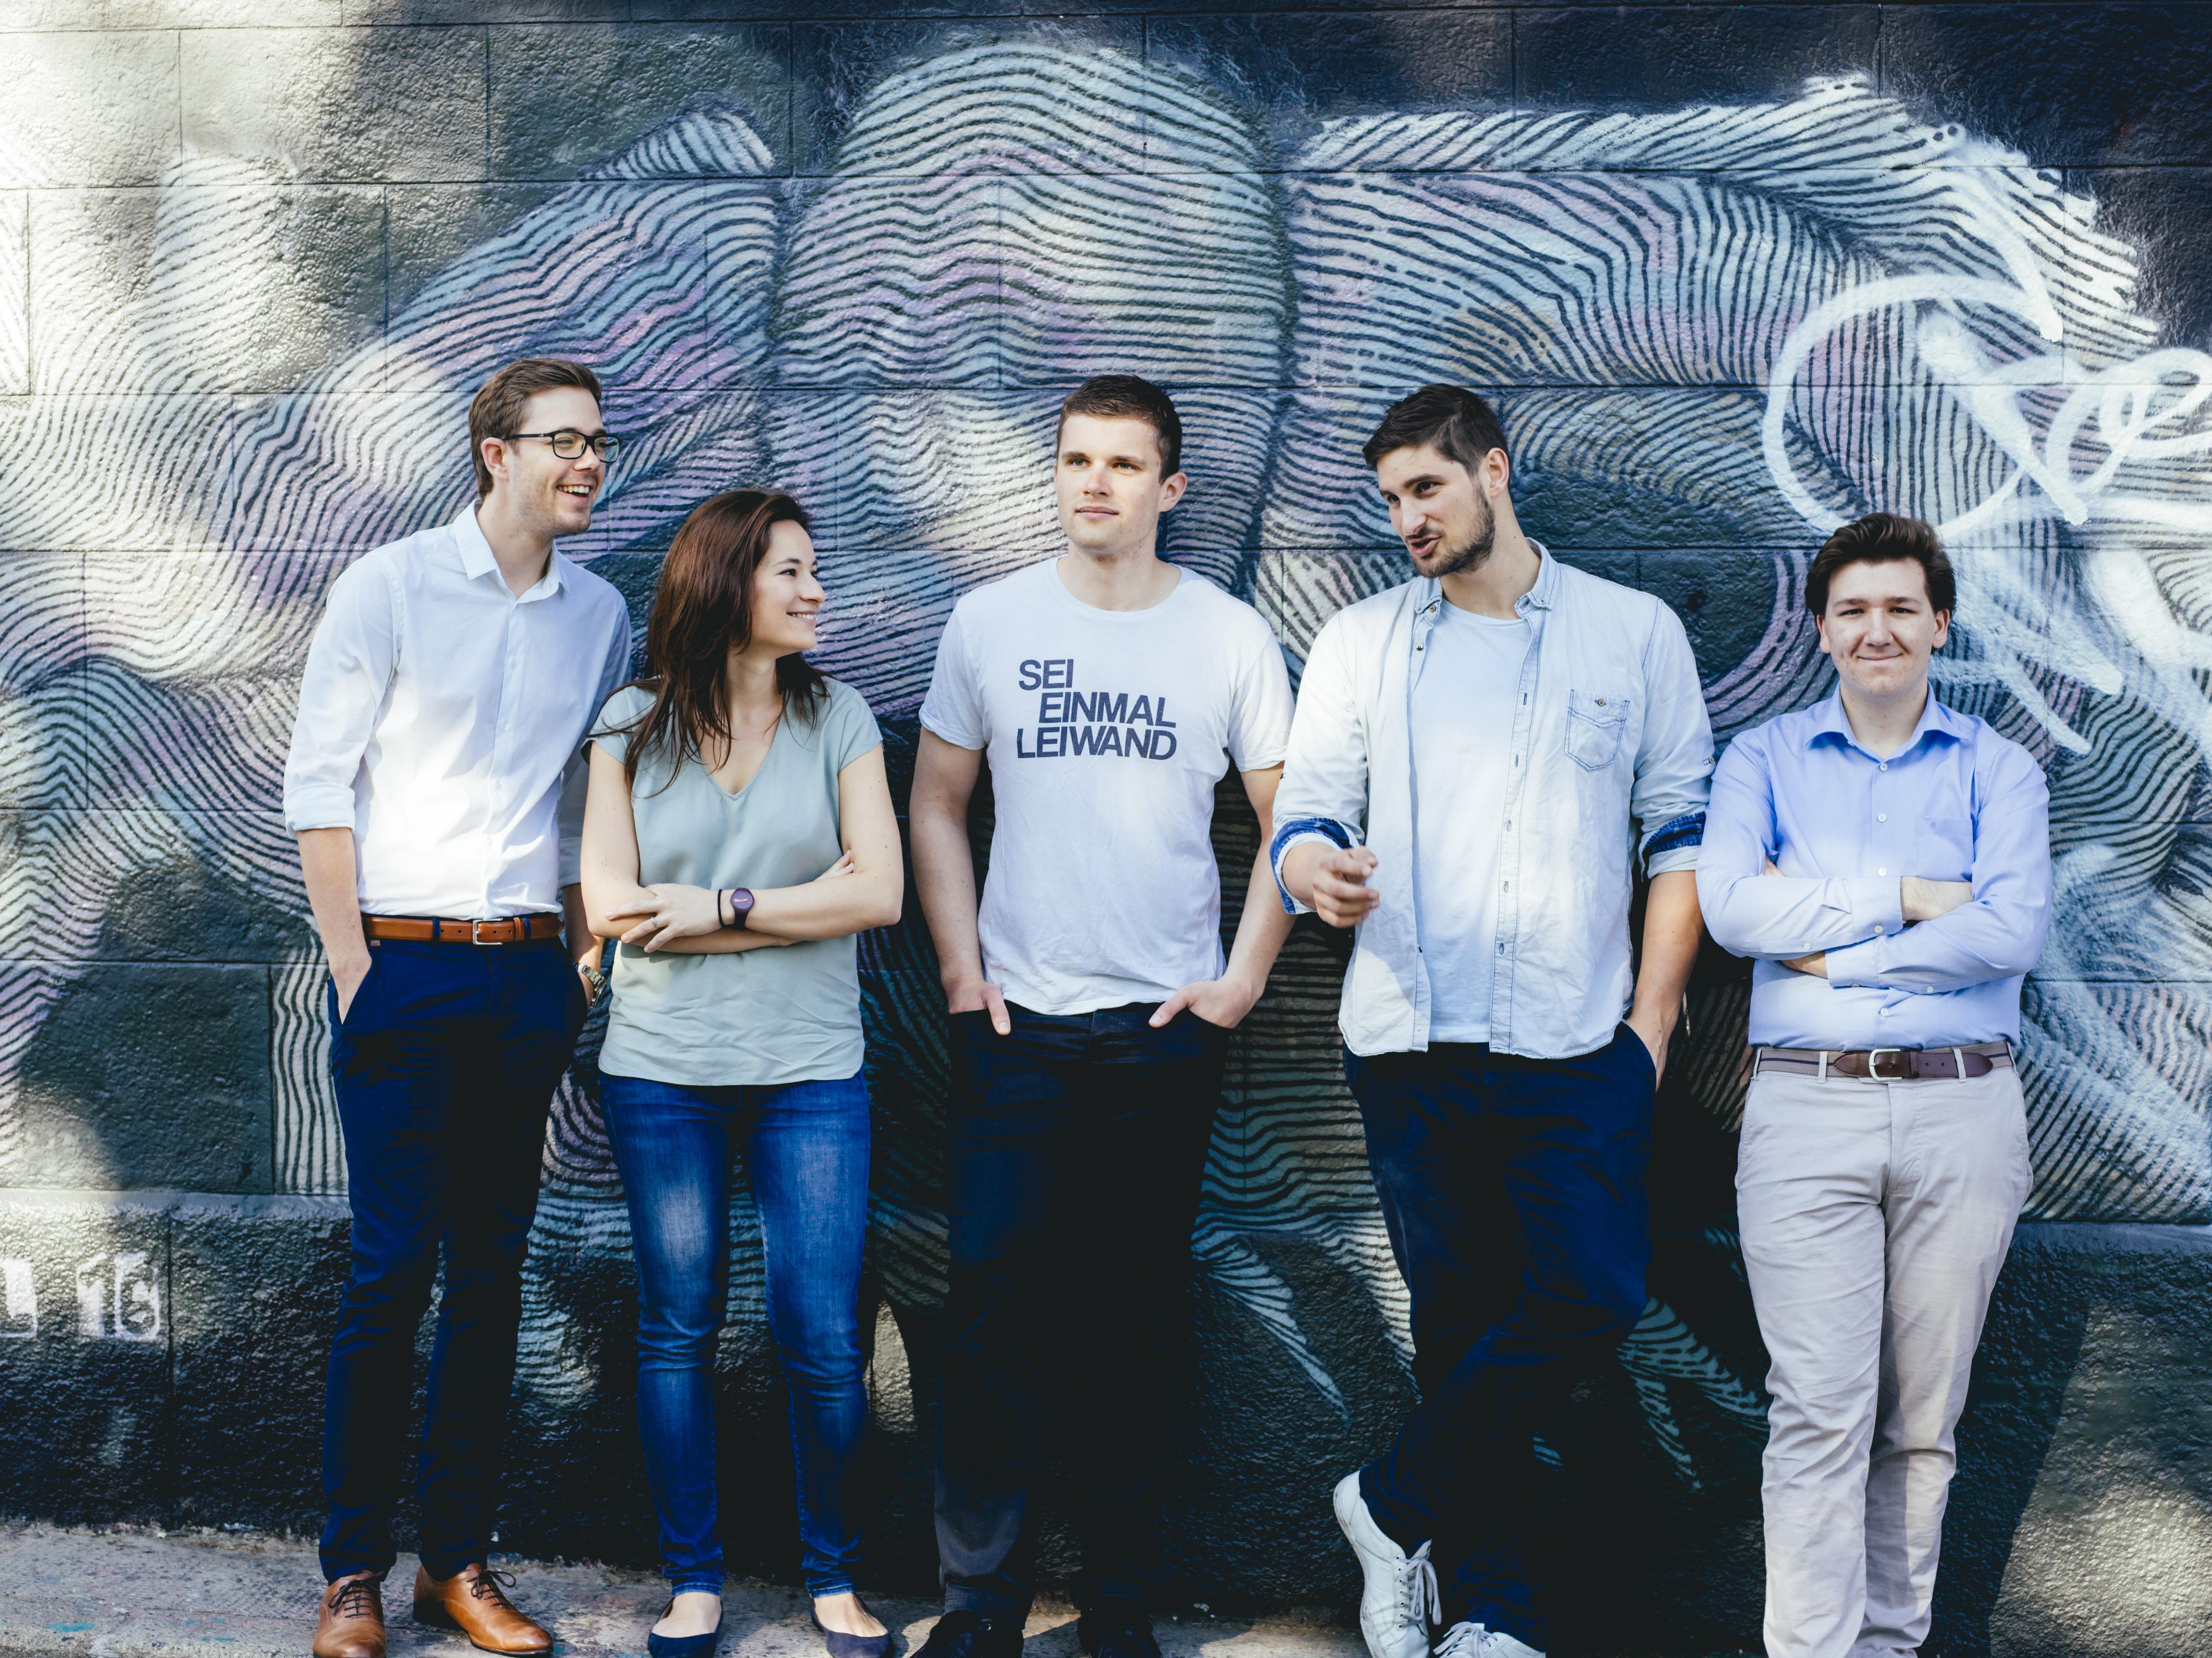 Die byrd-Gründer Michael Innerhofer, Petra Dobrocka, Christoph Krofitsch, Alexander Leichter und Sebastian Mach